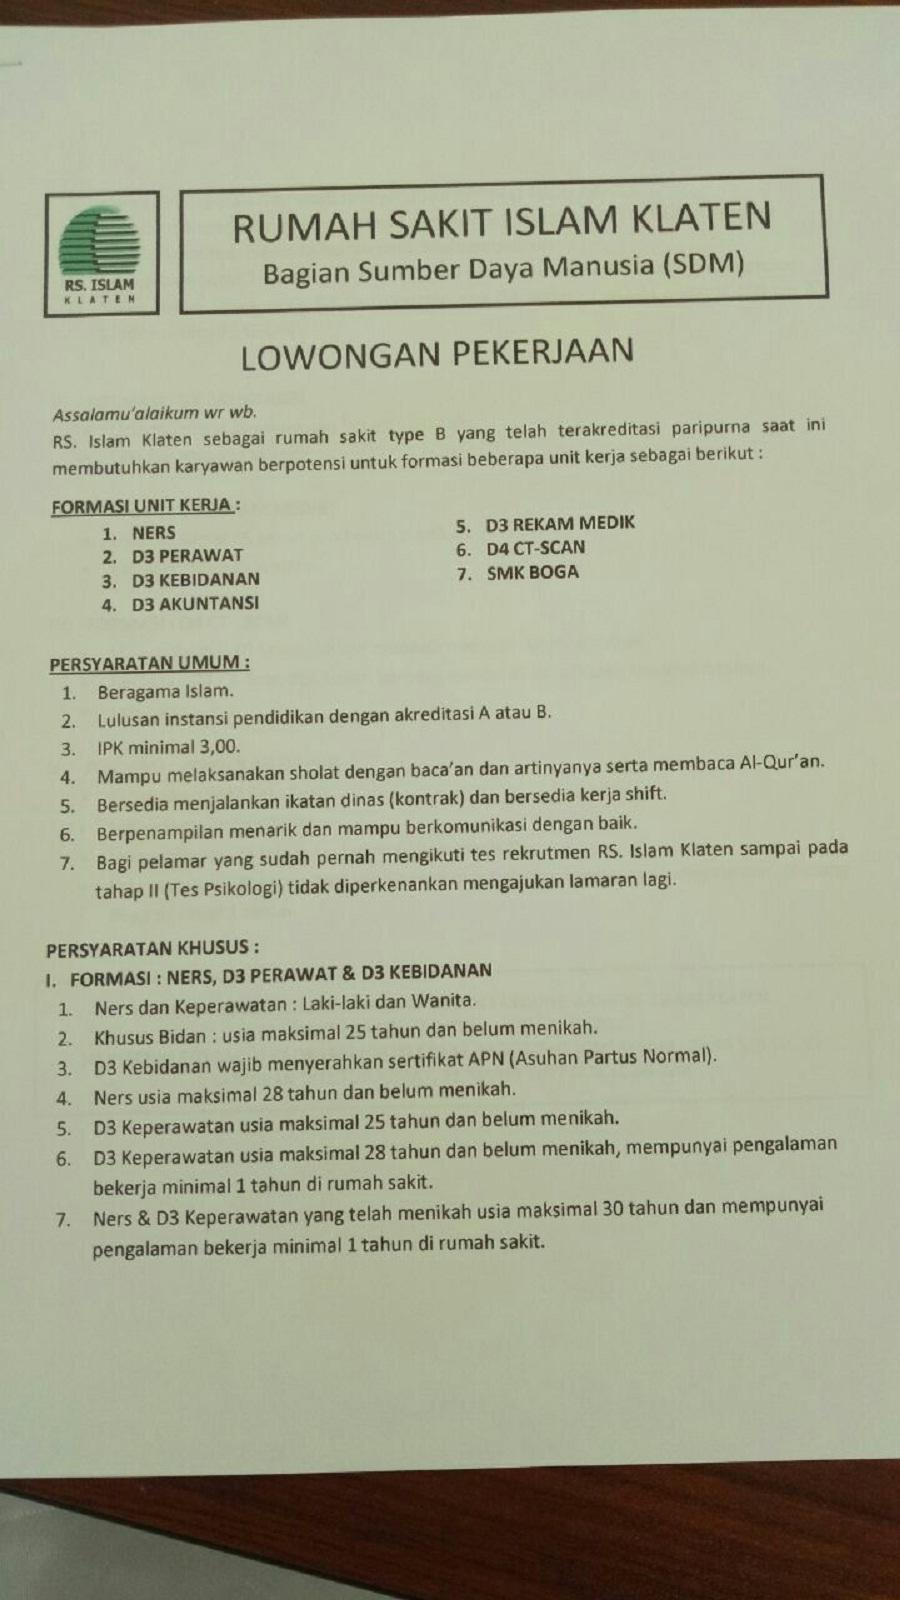 Lowongan Pekerjaan, Rumah Sakit Islam Klaten Bag. Sumber Daya Manusia (SDM)